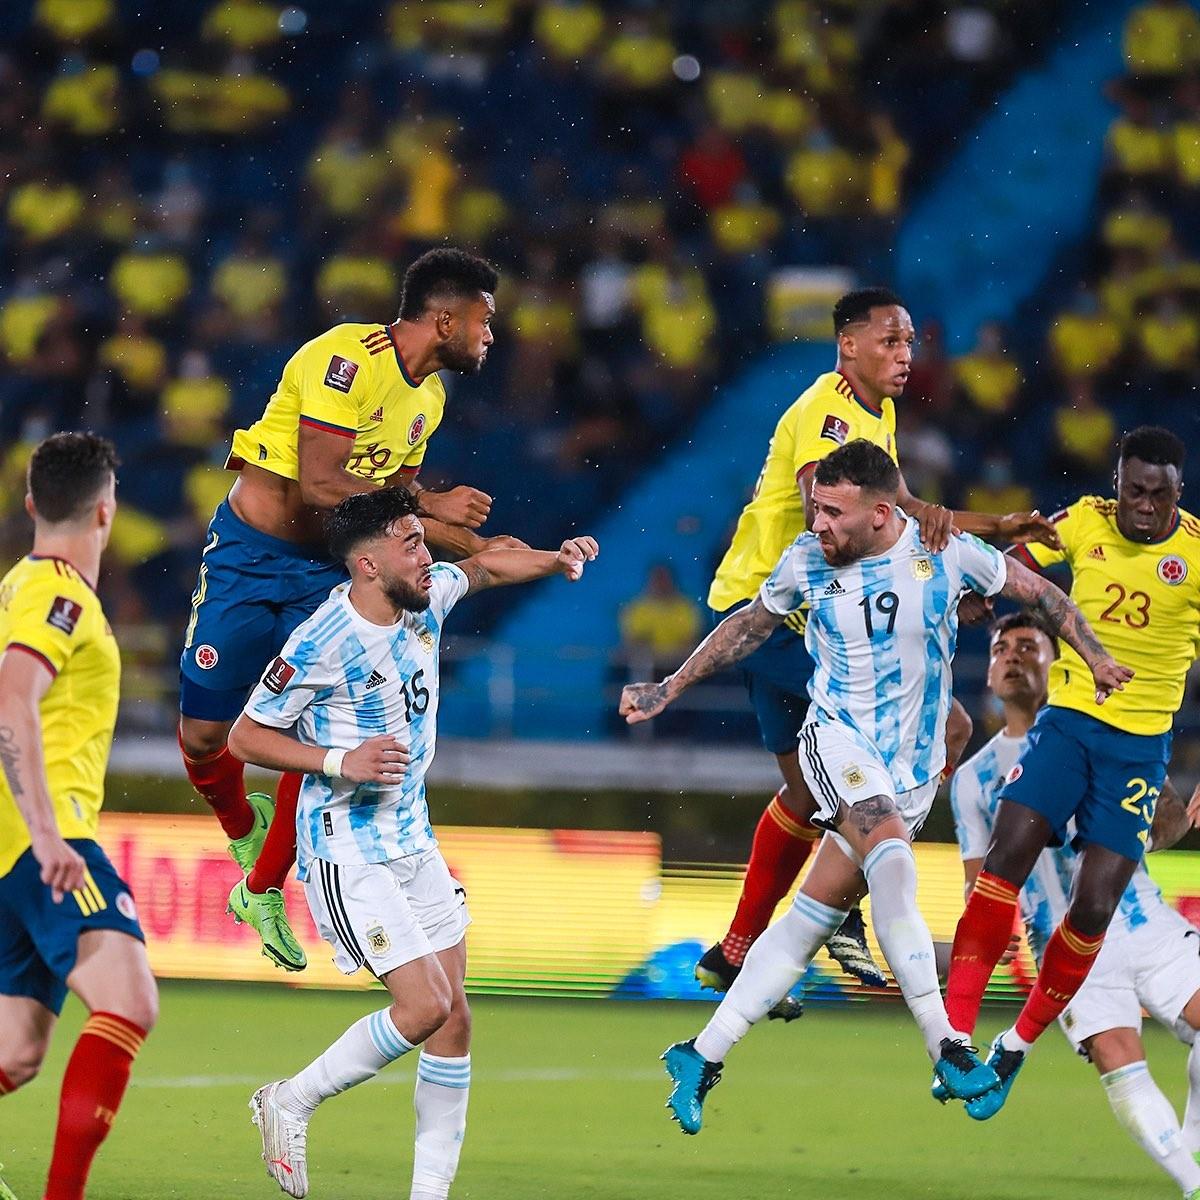 Seleccion Colombia vs Argentina Eliminatorias Sudamericanas 1